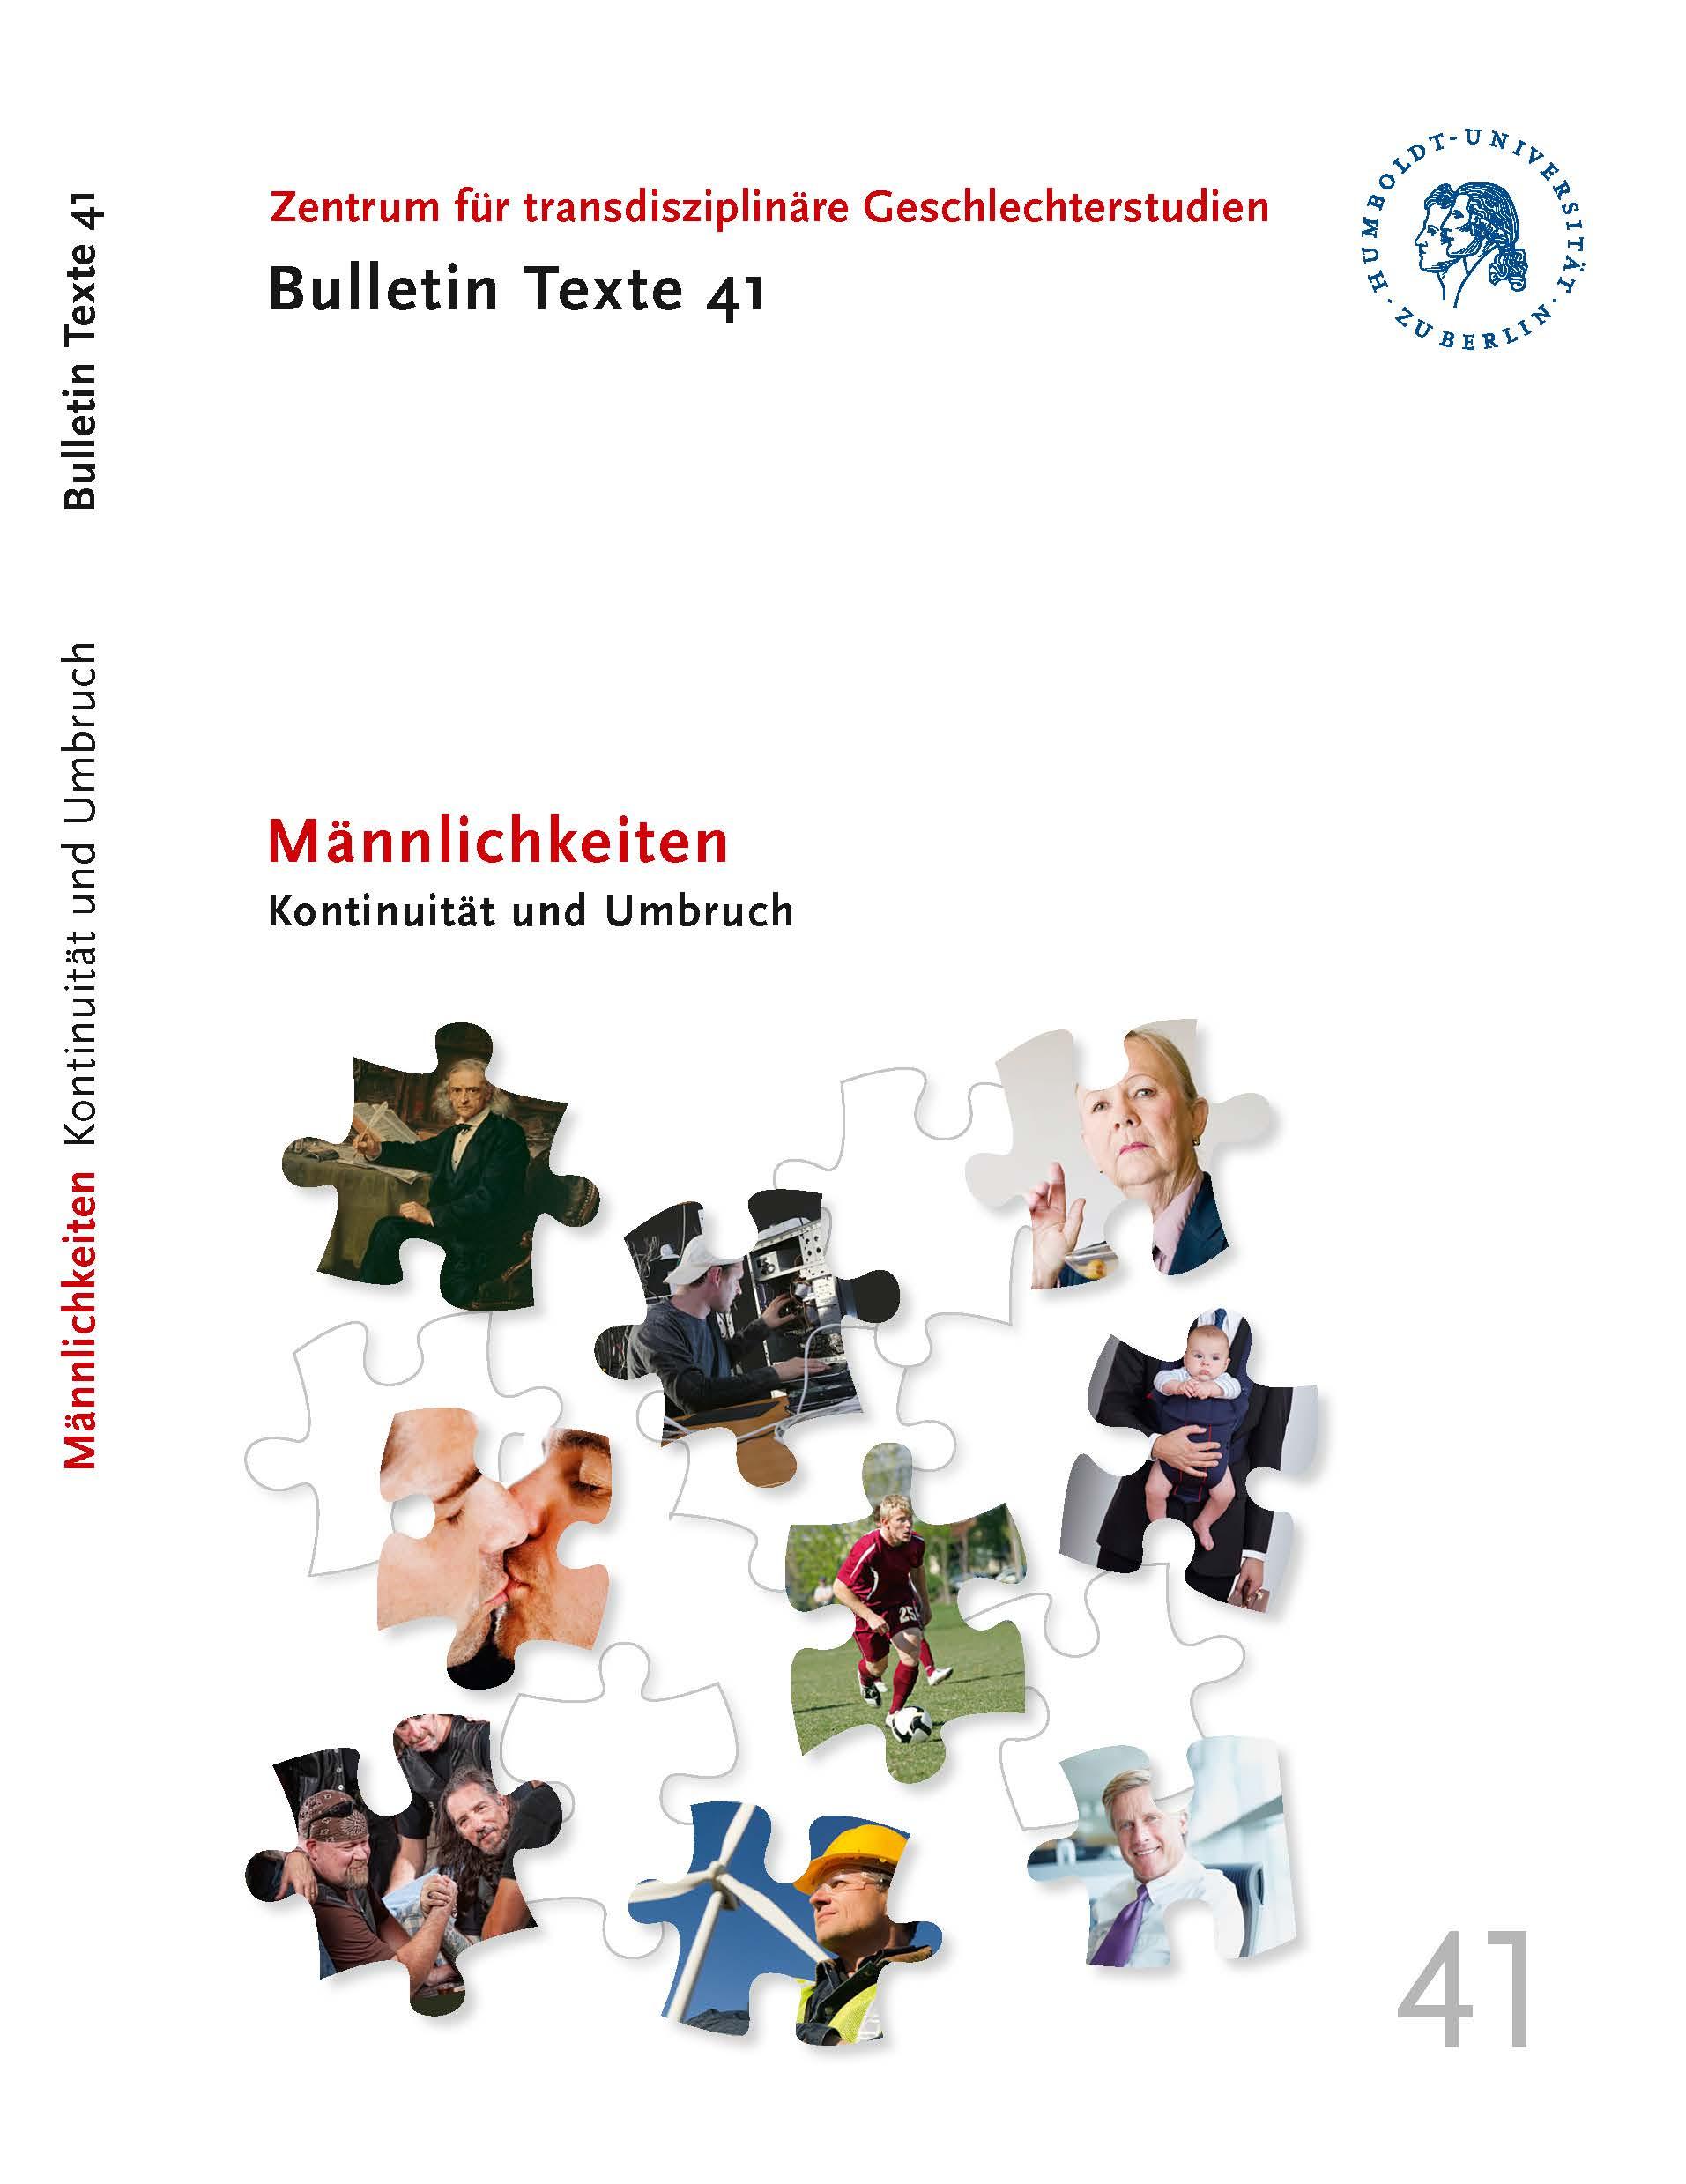 ztg bulletintexte41 print 180614 cover